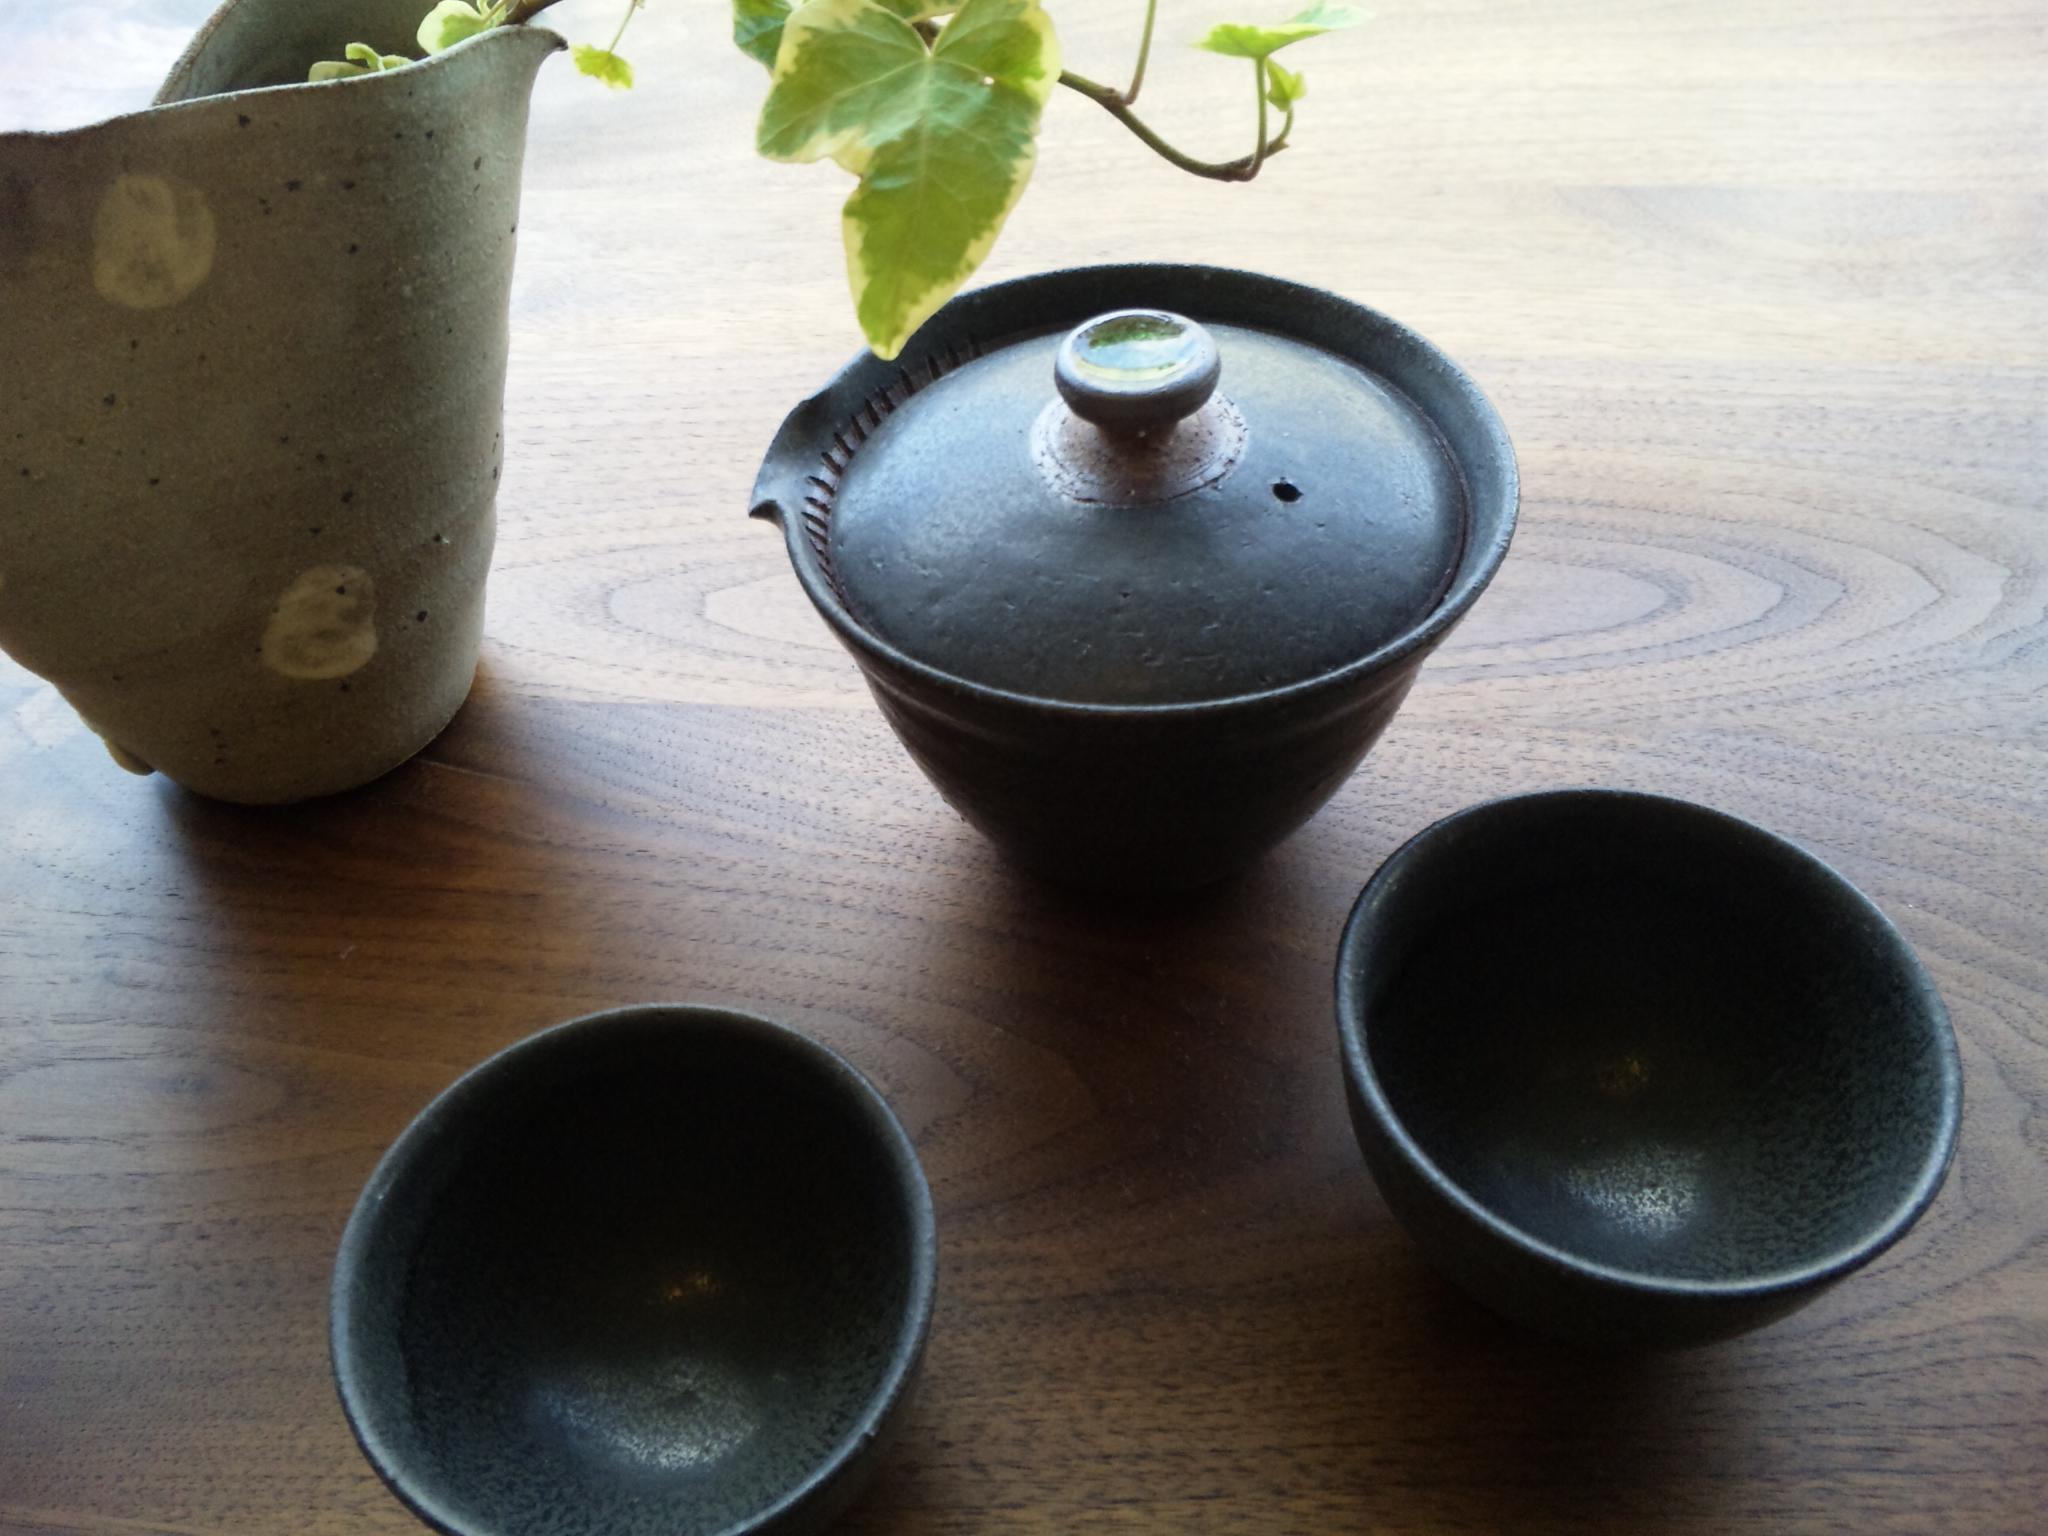 新茶器入荷しました_b0210091_17545518.jpg